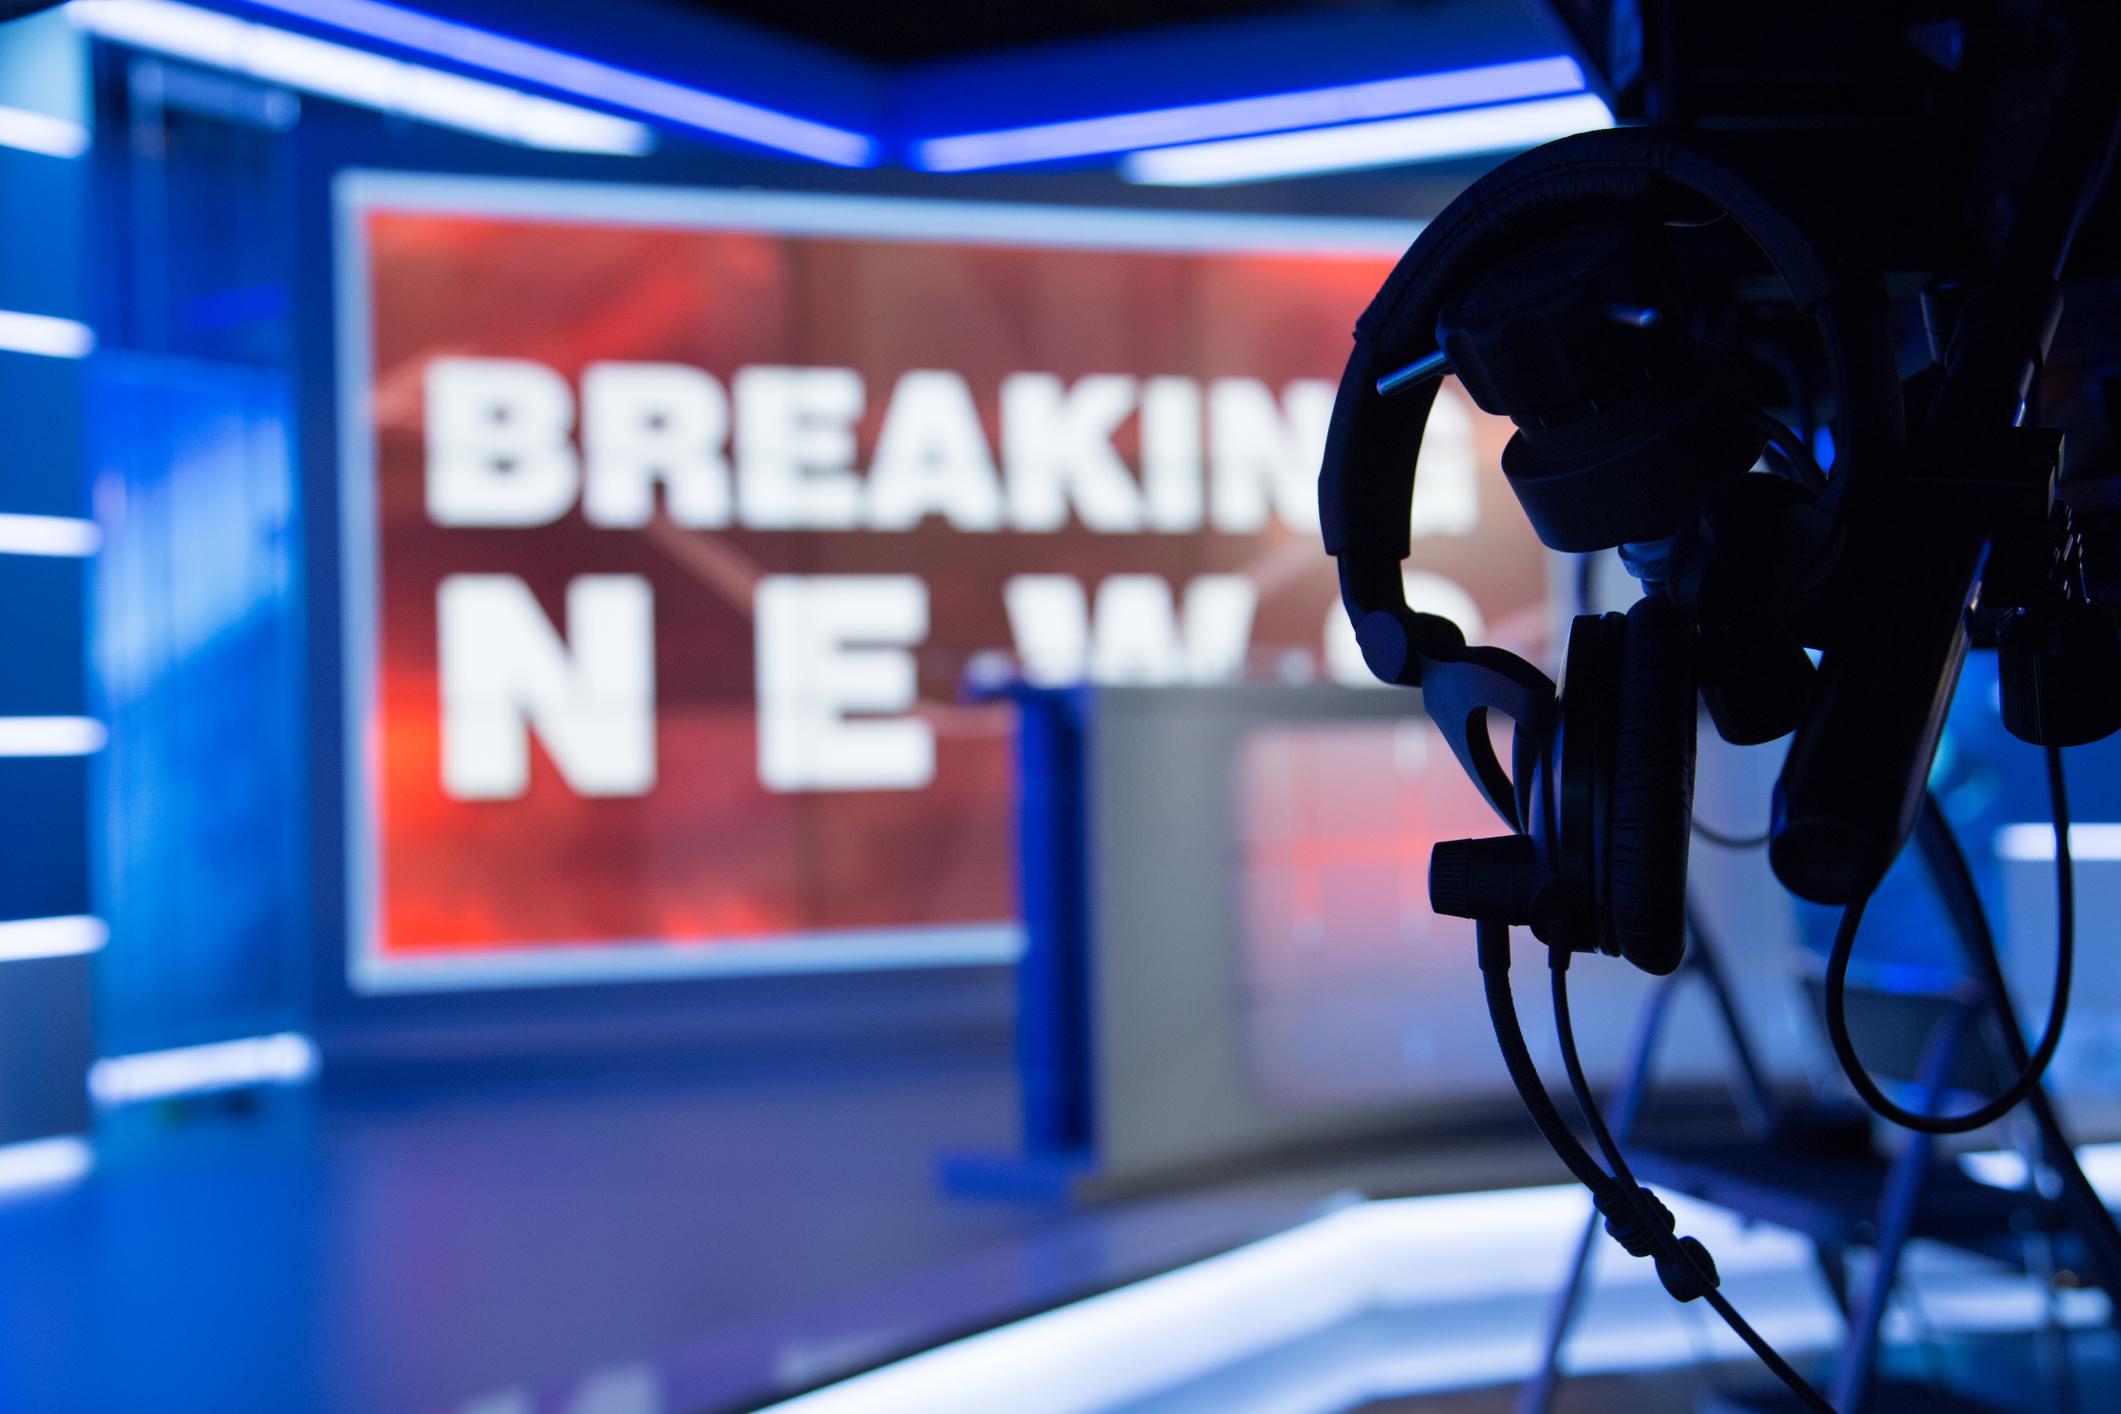 A TV news set